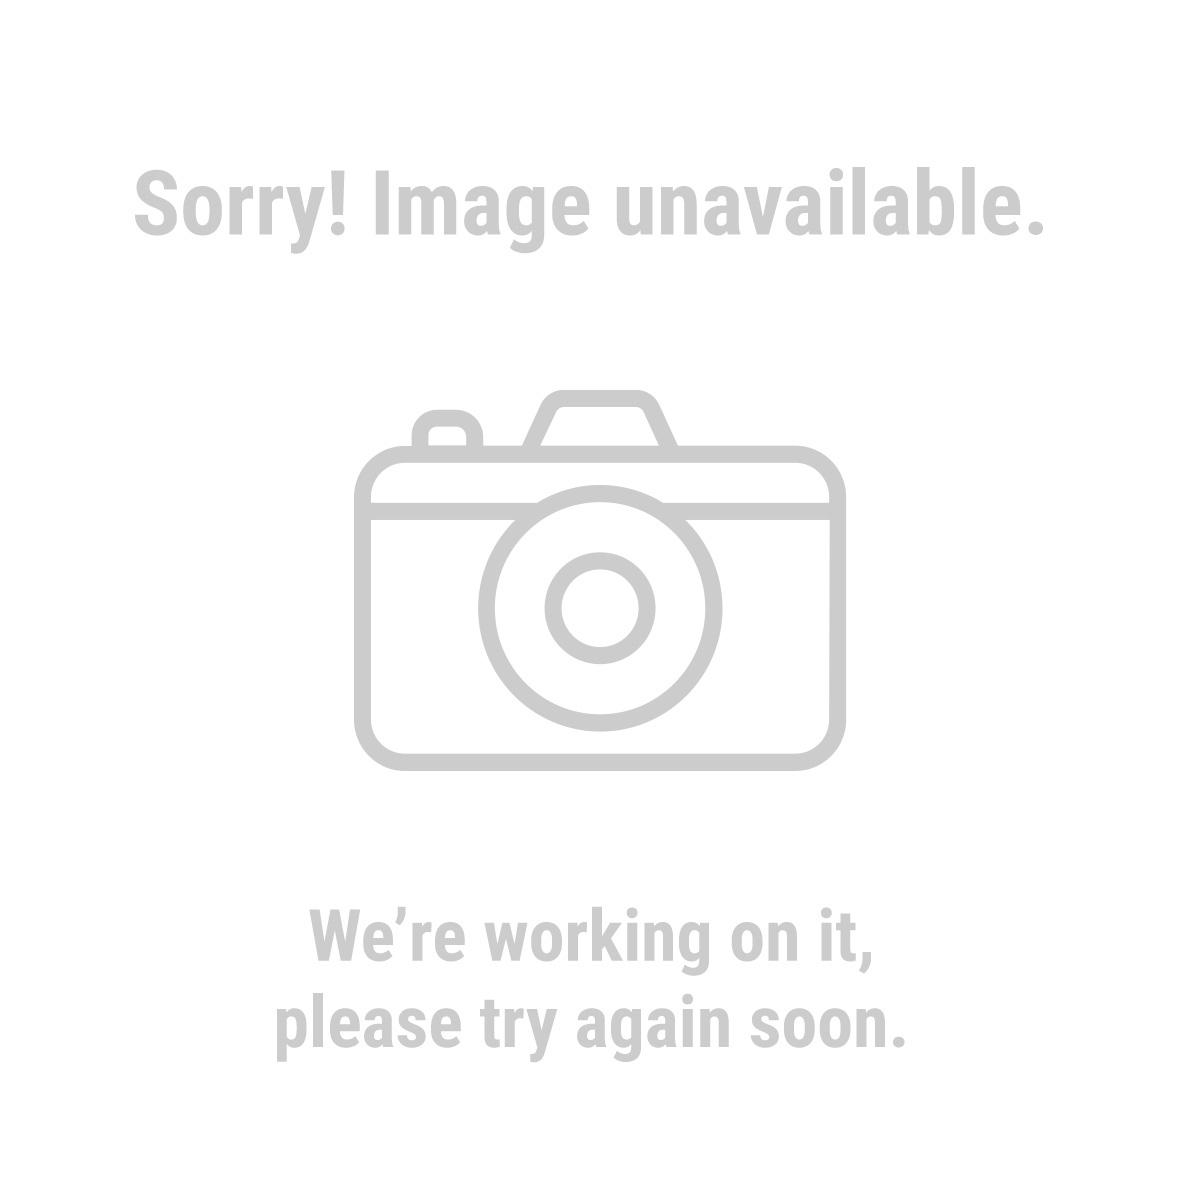 Warrior® 60837 4 in. 40 Grit Masonry Cut-Off Wheel 10 Pc